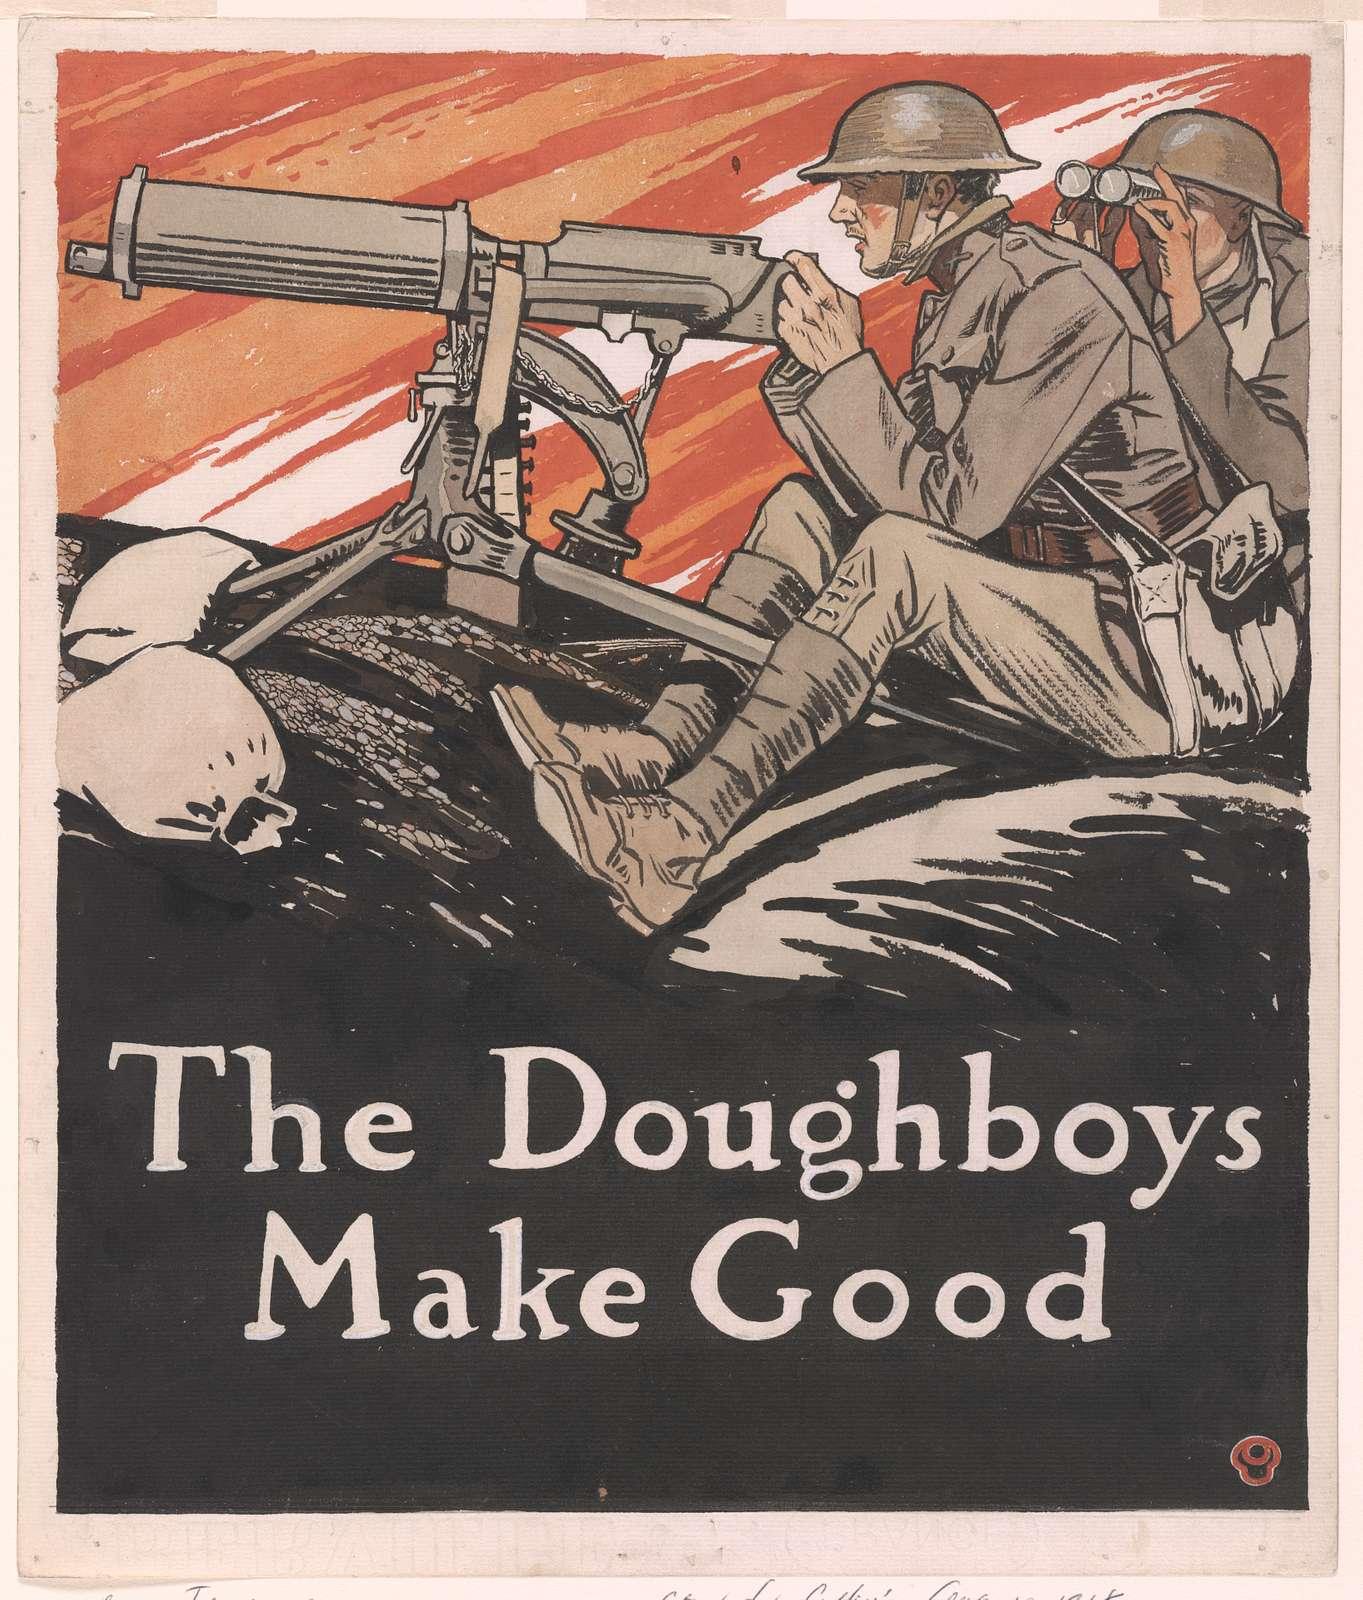 The doughboys make good